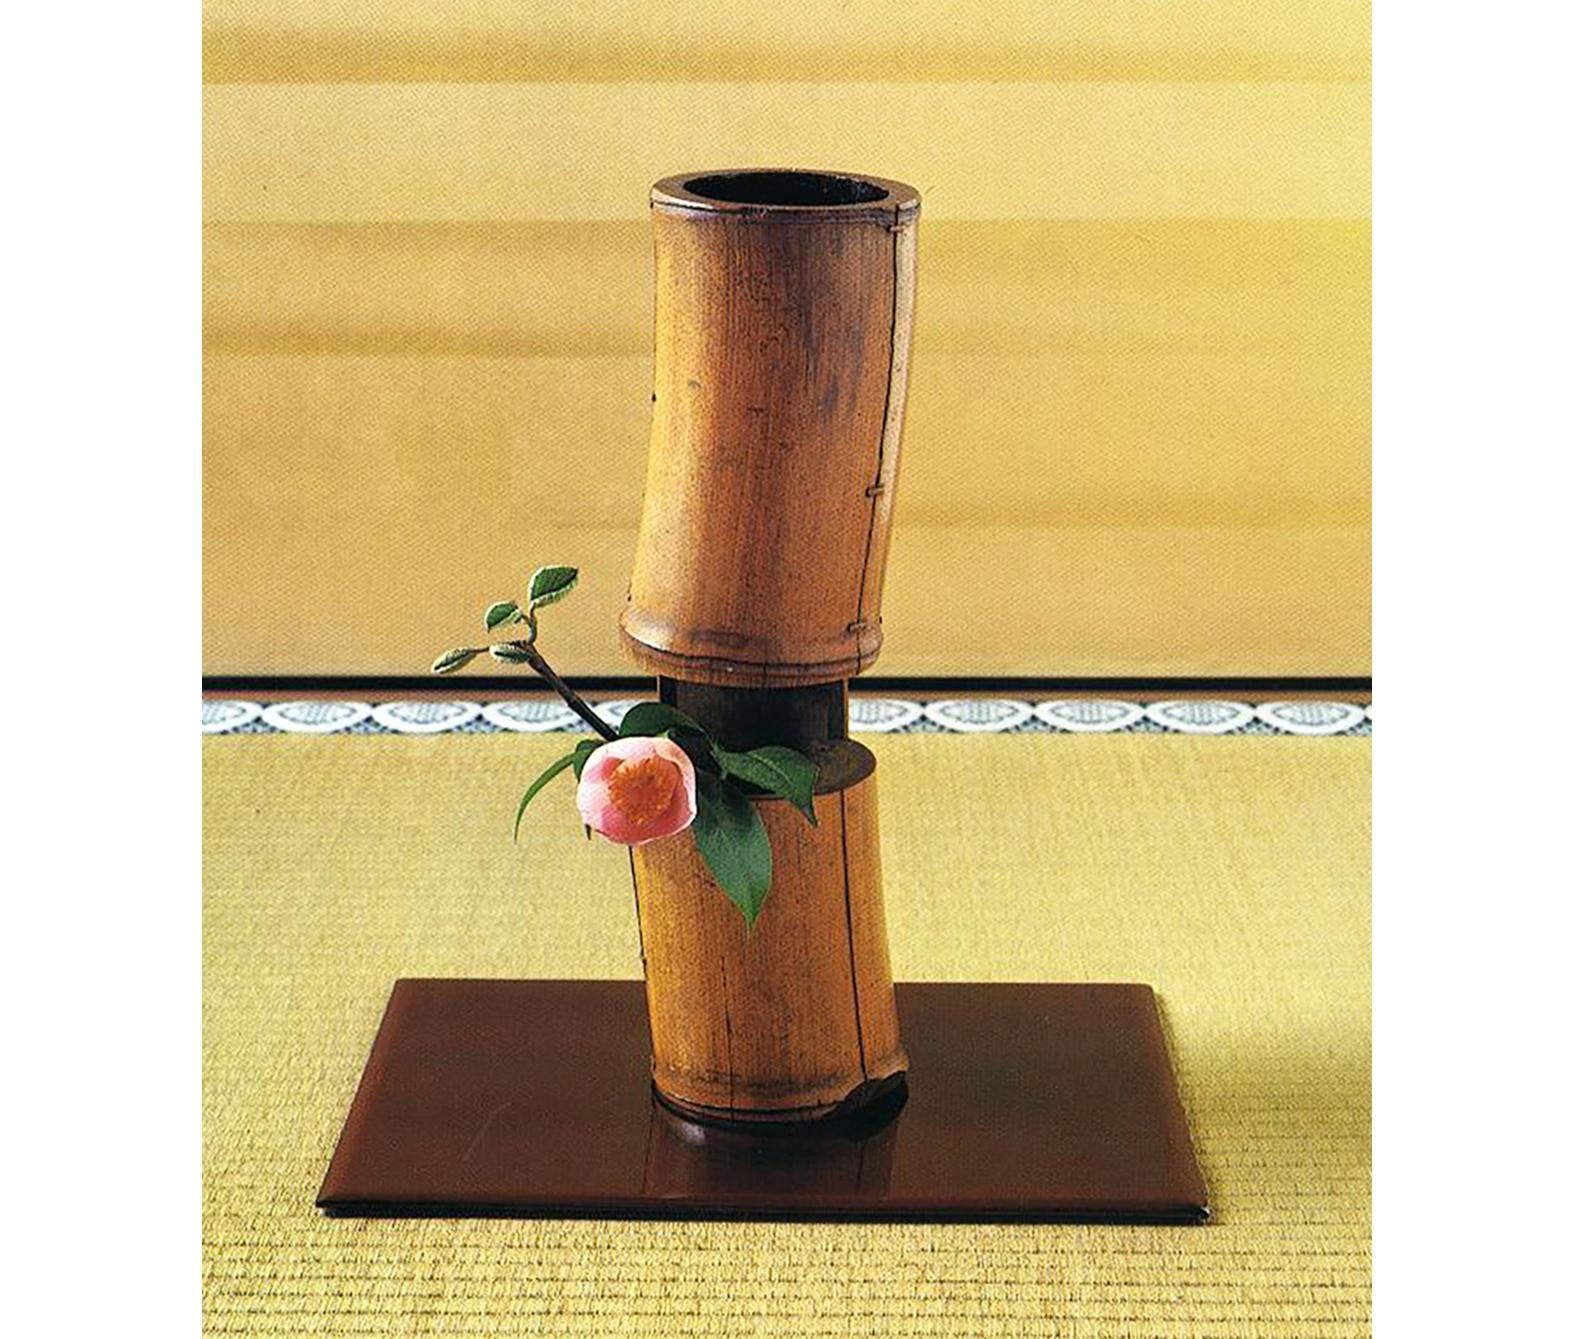 【今月の茶花】令和2年03月の茶花